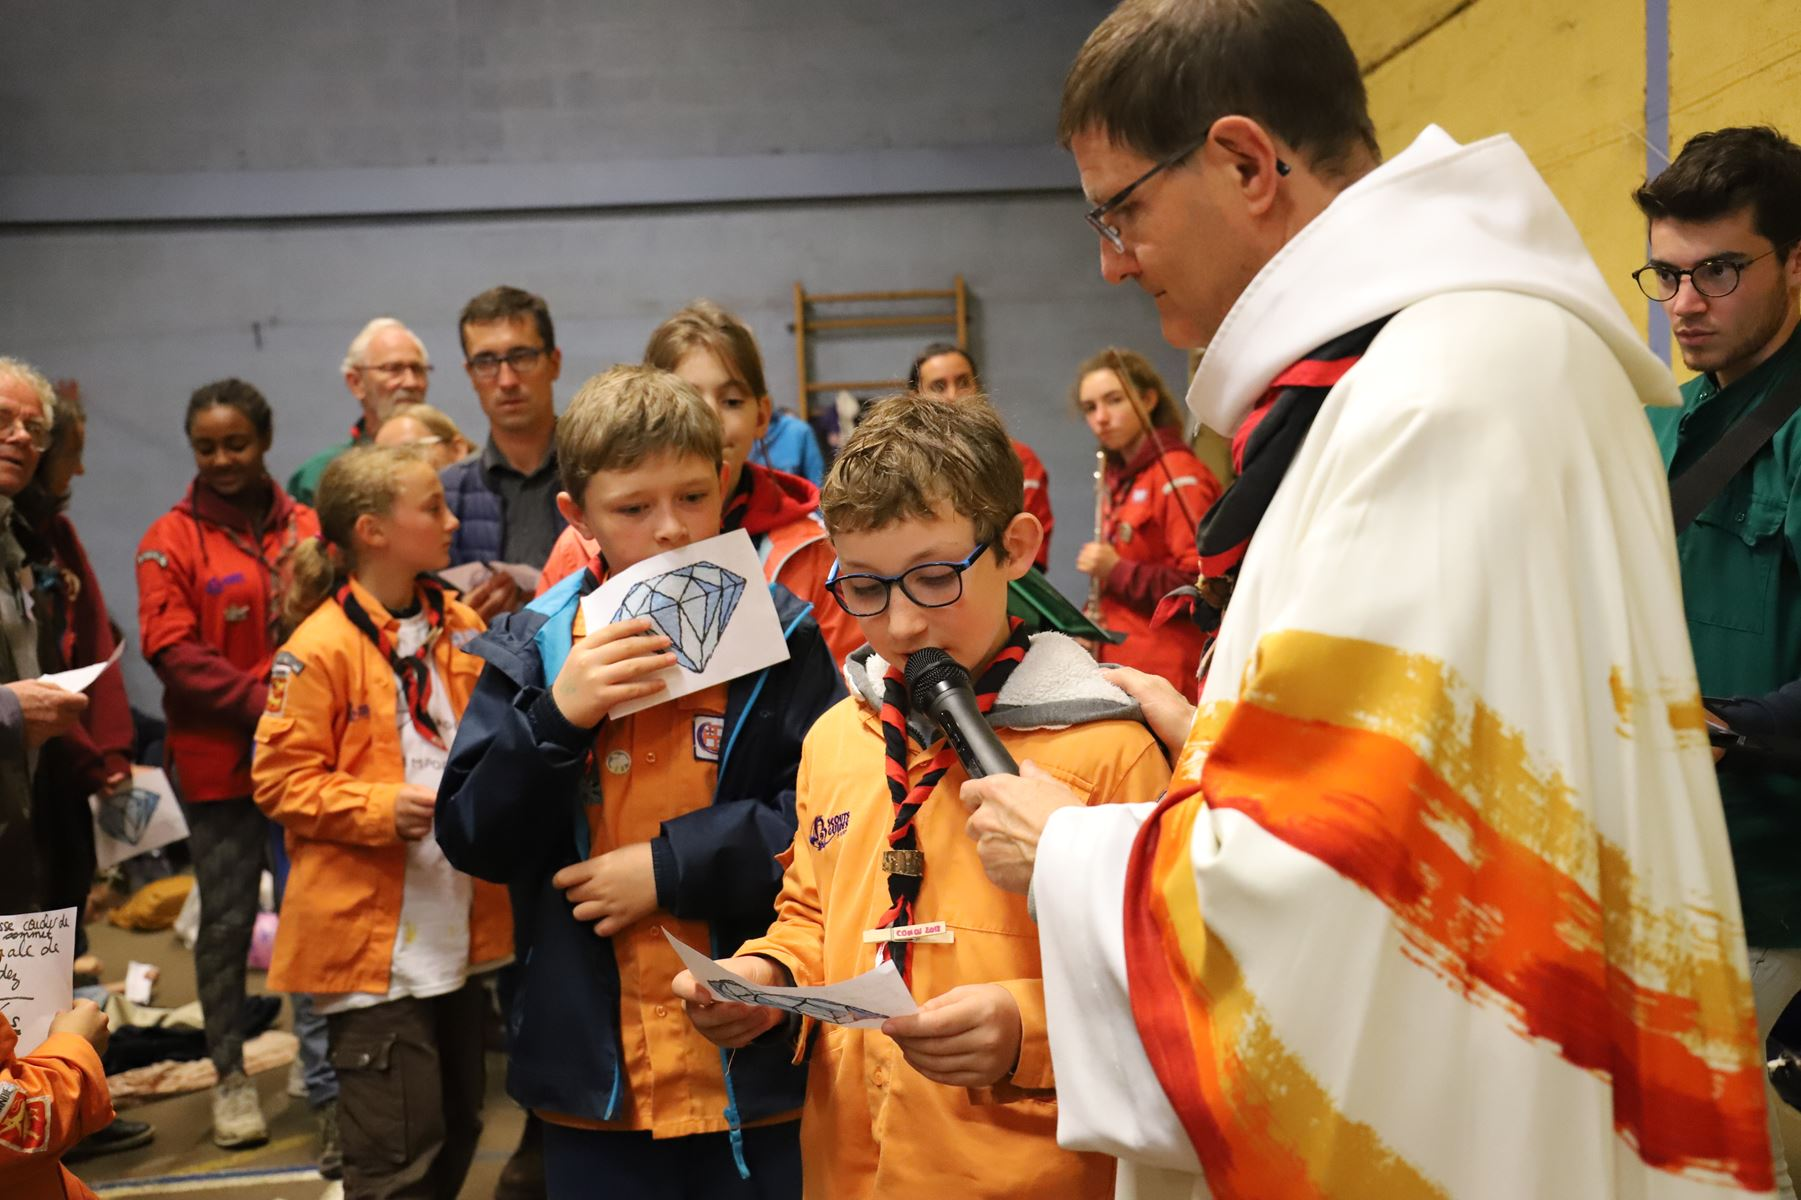 promotion comment acheter meilleur pas cher Territoire basse normandie - Scouts et Guides de France